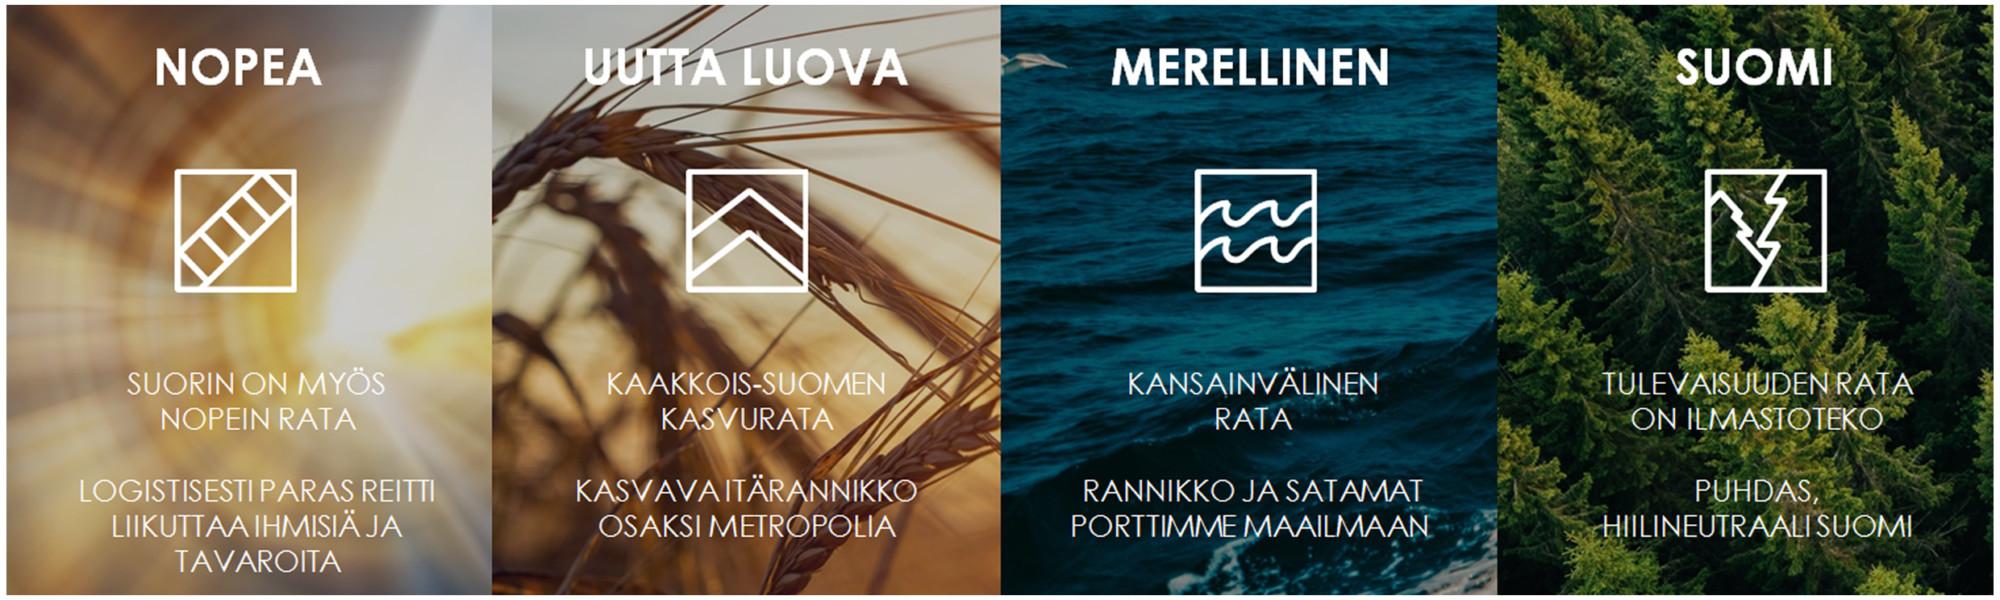 Kuvassa on Itäisen rantaradan kuvapalkki